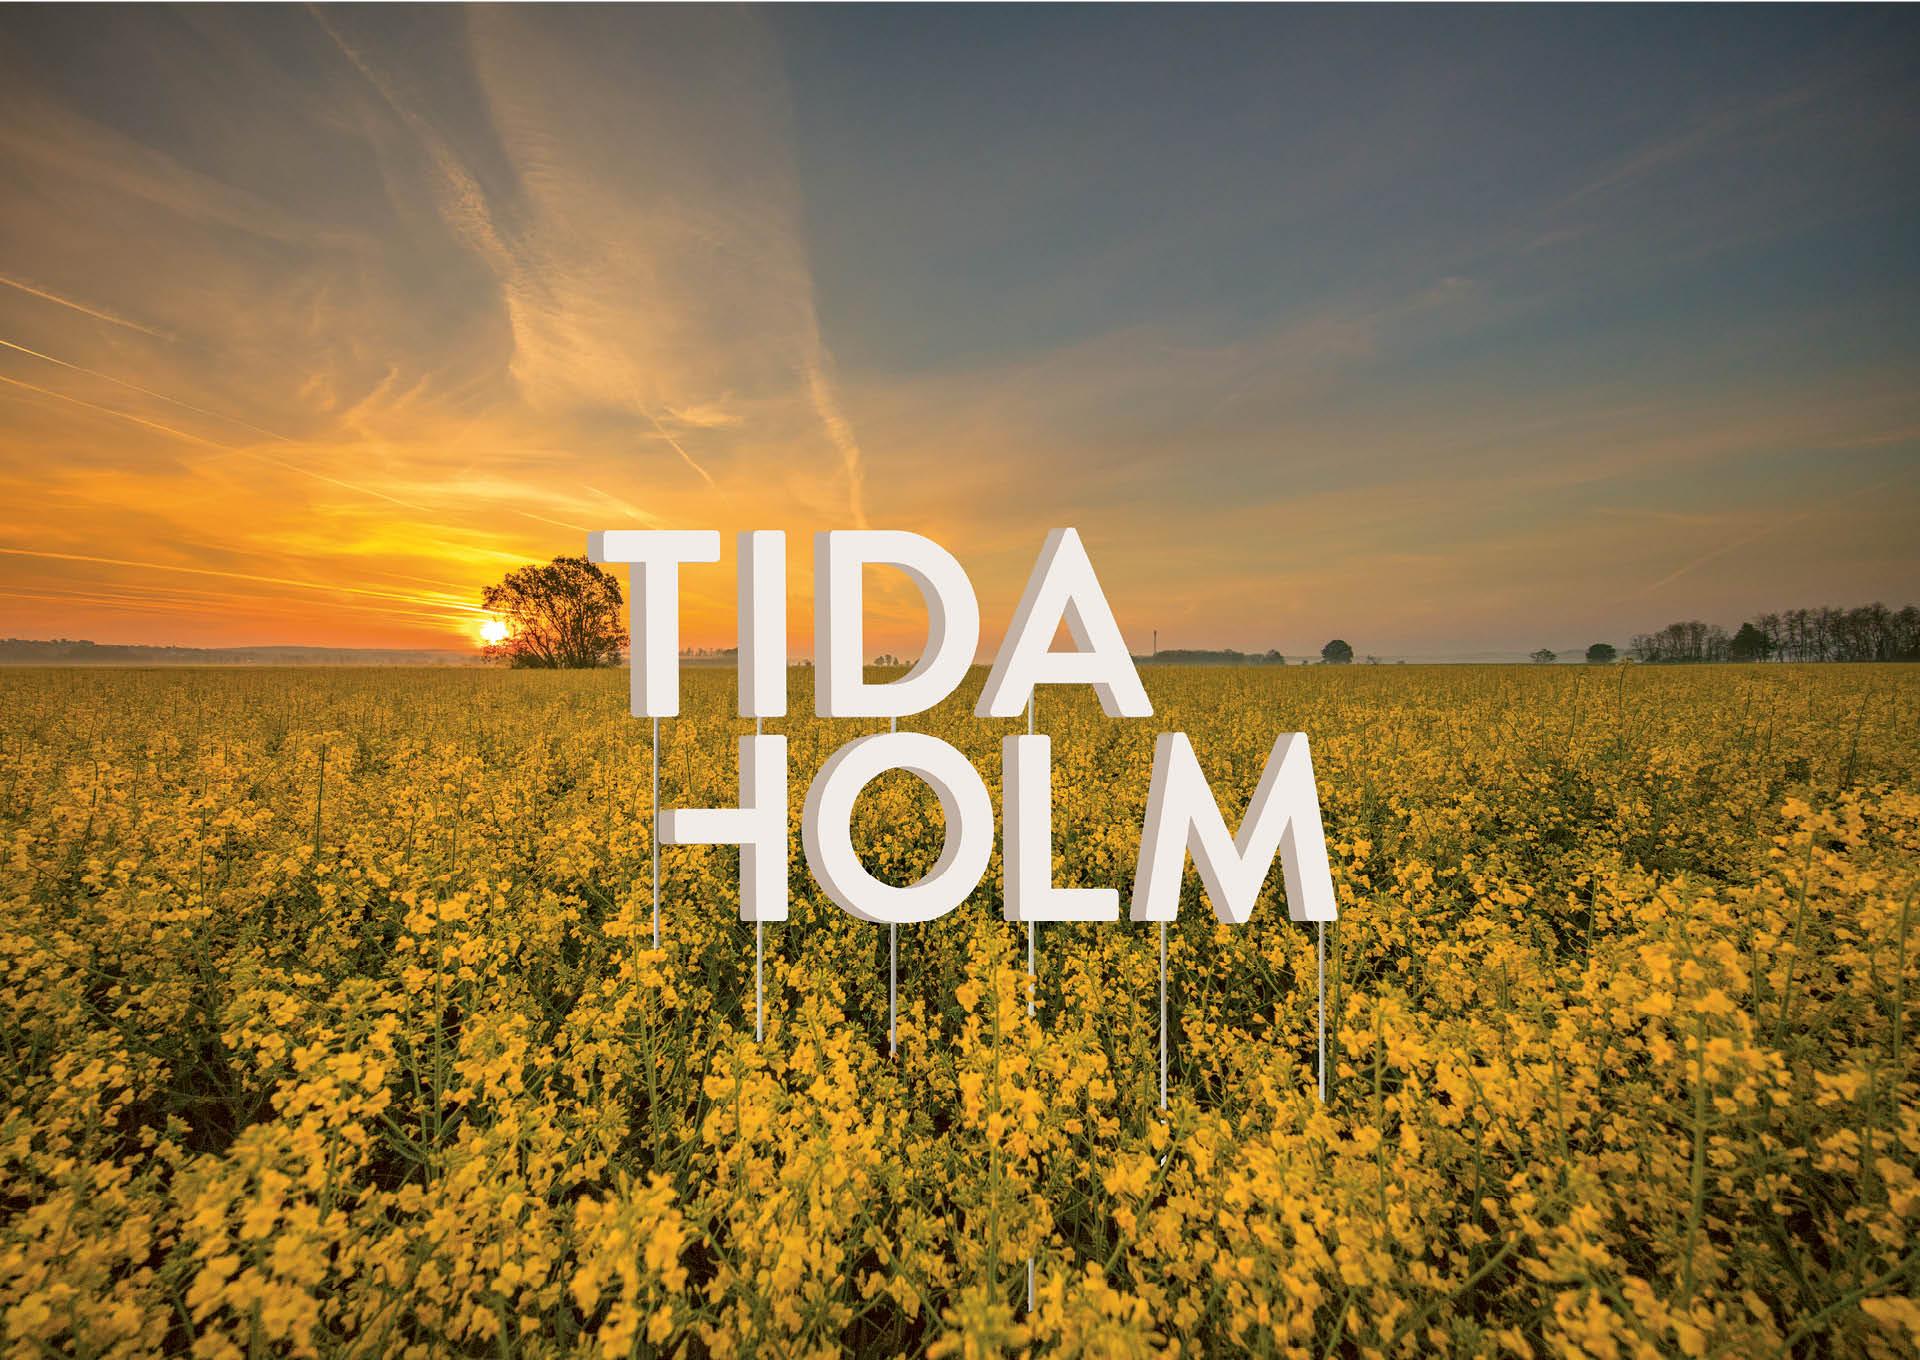 Logotyp för plasten Tidaholm, framtagen av Identx